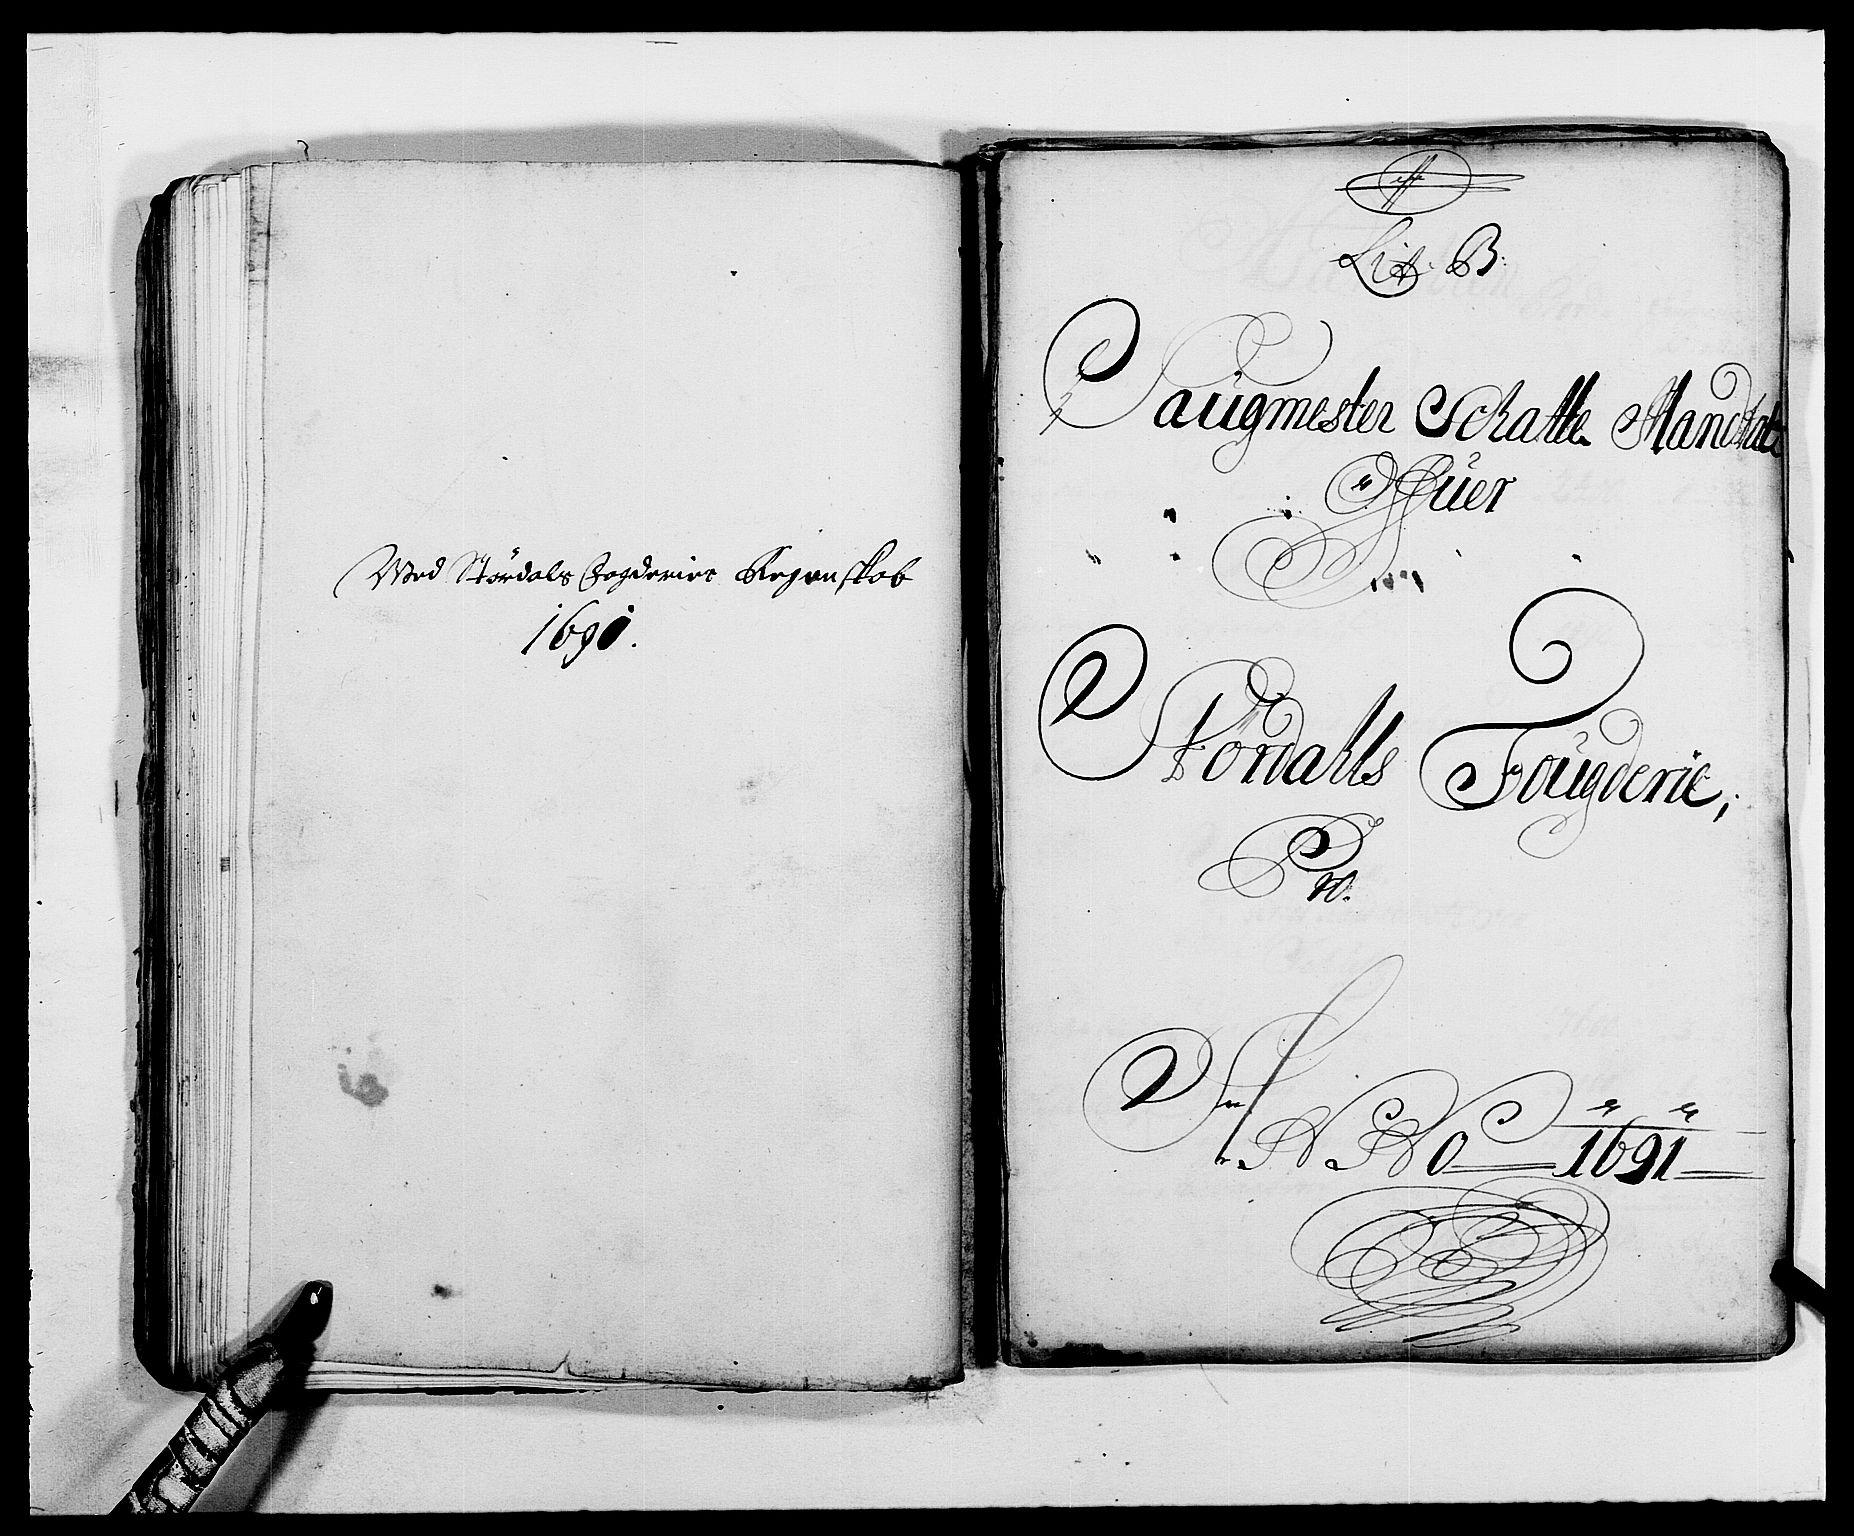 RA, Rentekammeret inntil 1814, Reviderte regnskaper, Fogderegnskap, R62/L4184: Fogderegnskap Stjørdal og Verdal, 1690-1691, s. 306